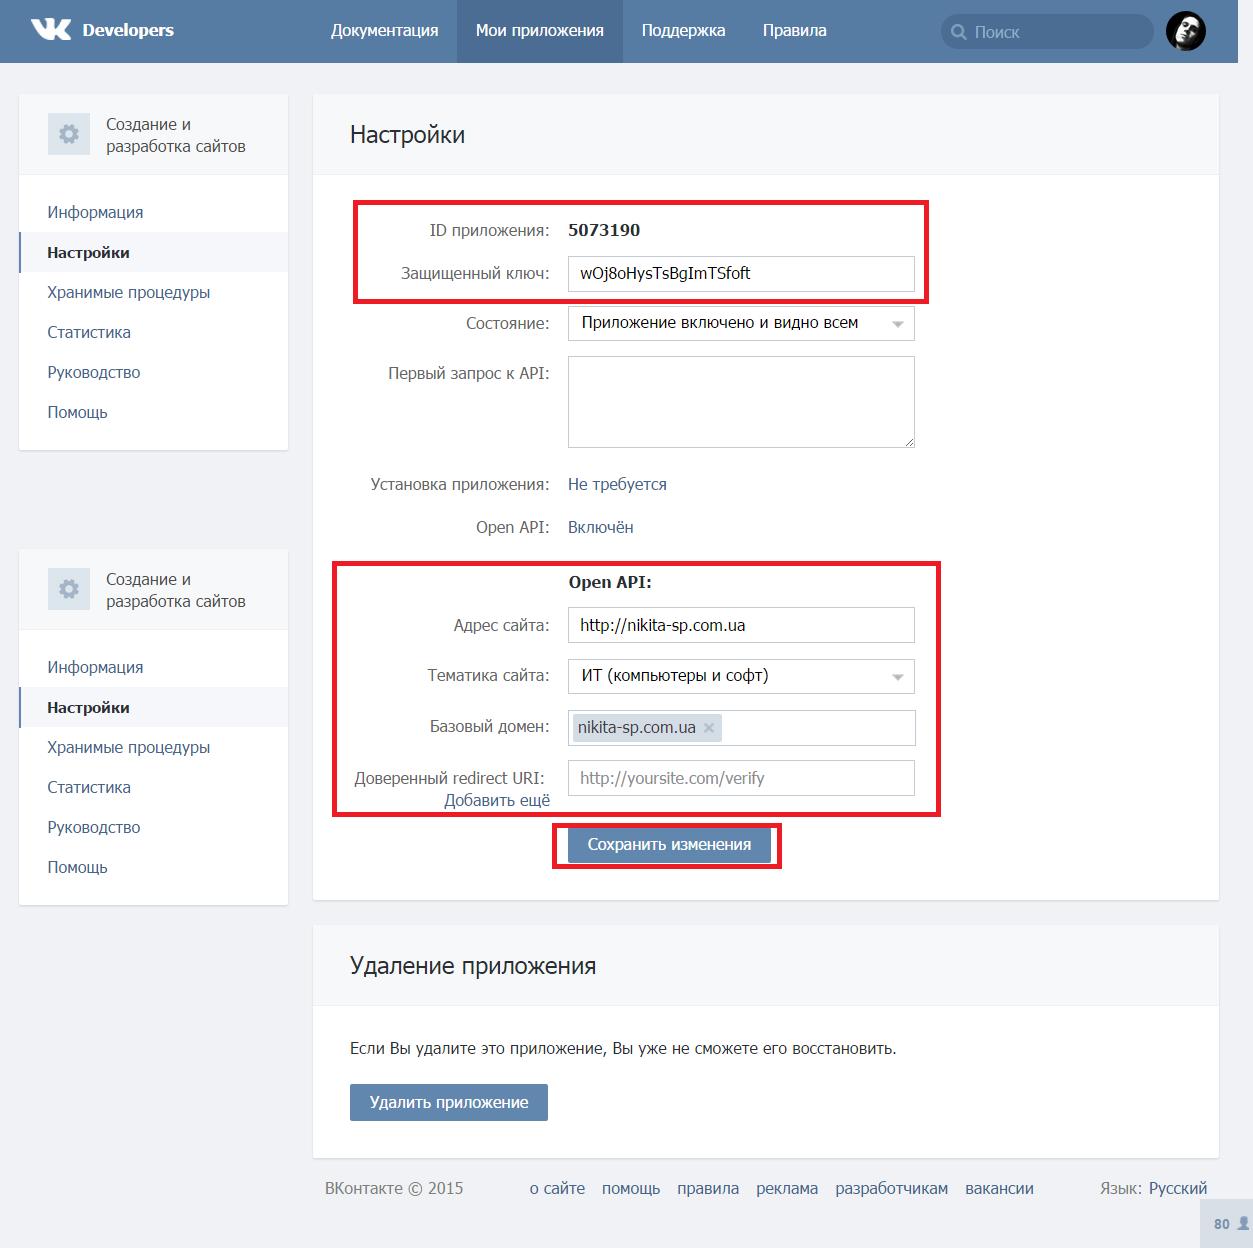 Создание приложений для авторизации через социальные сети - Вконтакте 5